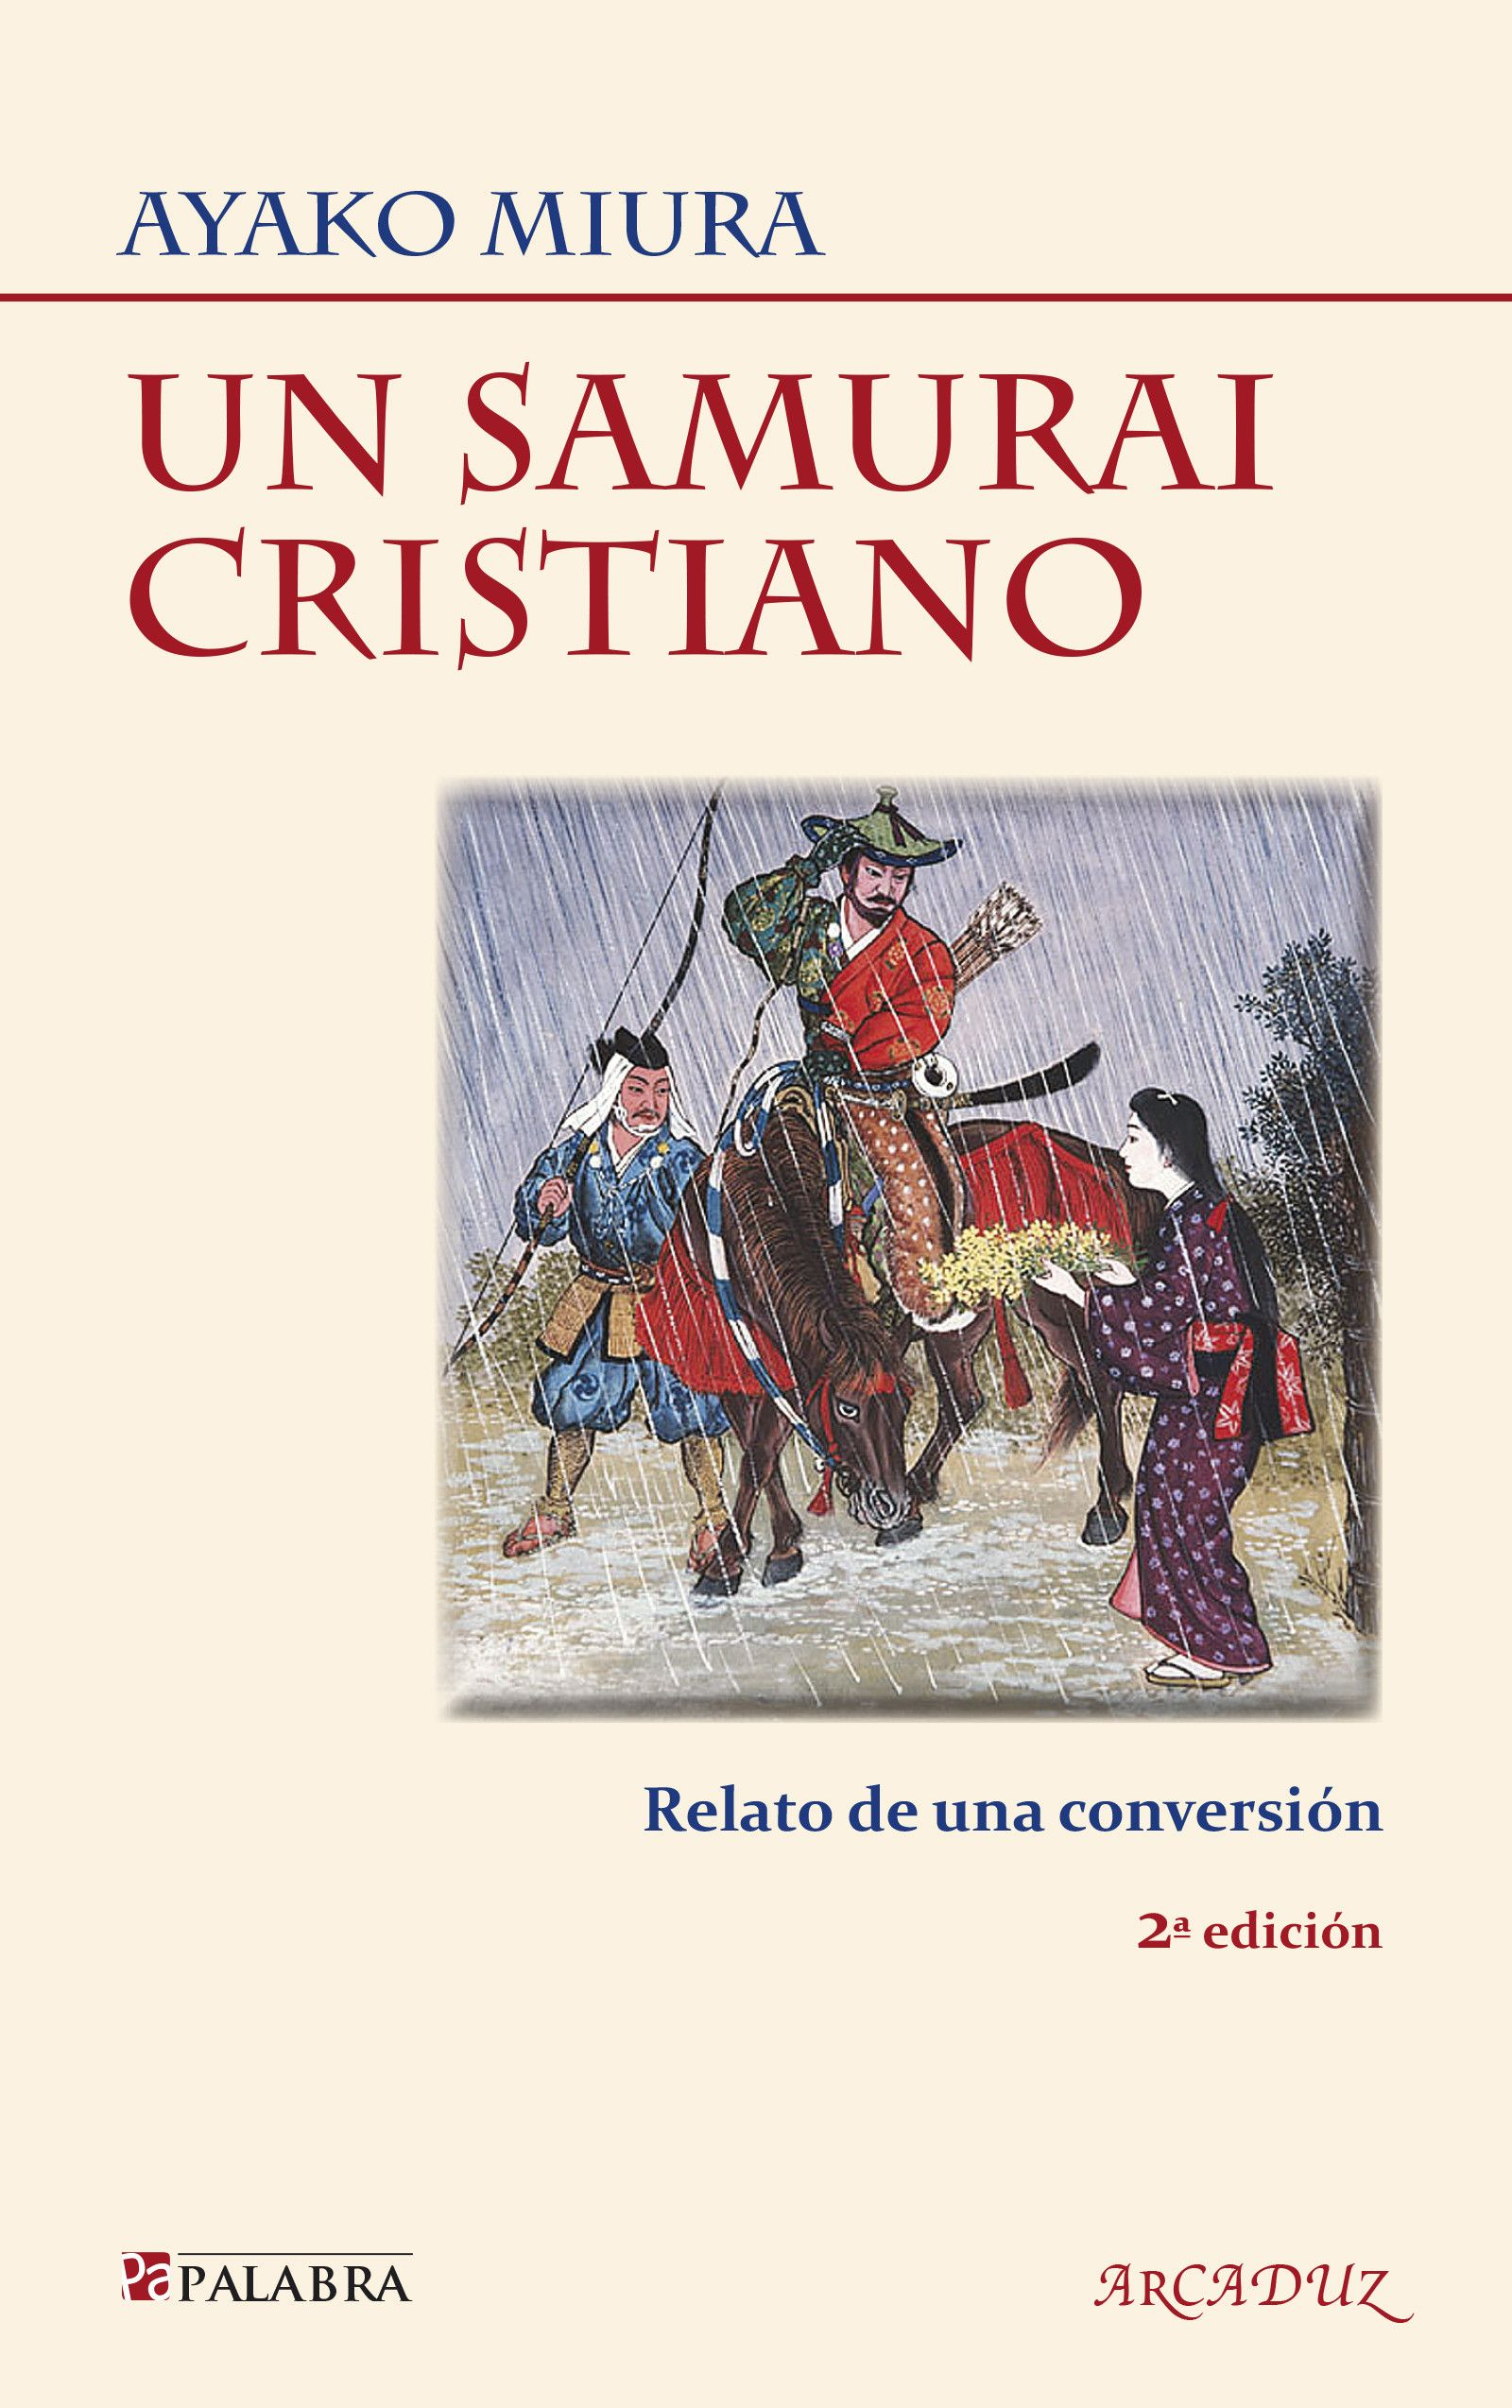 Samurai cristiano, Un